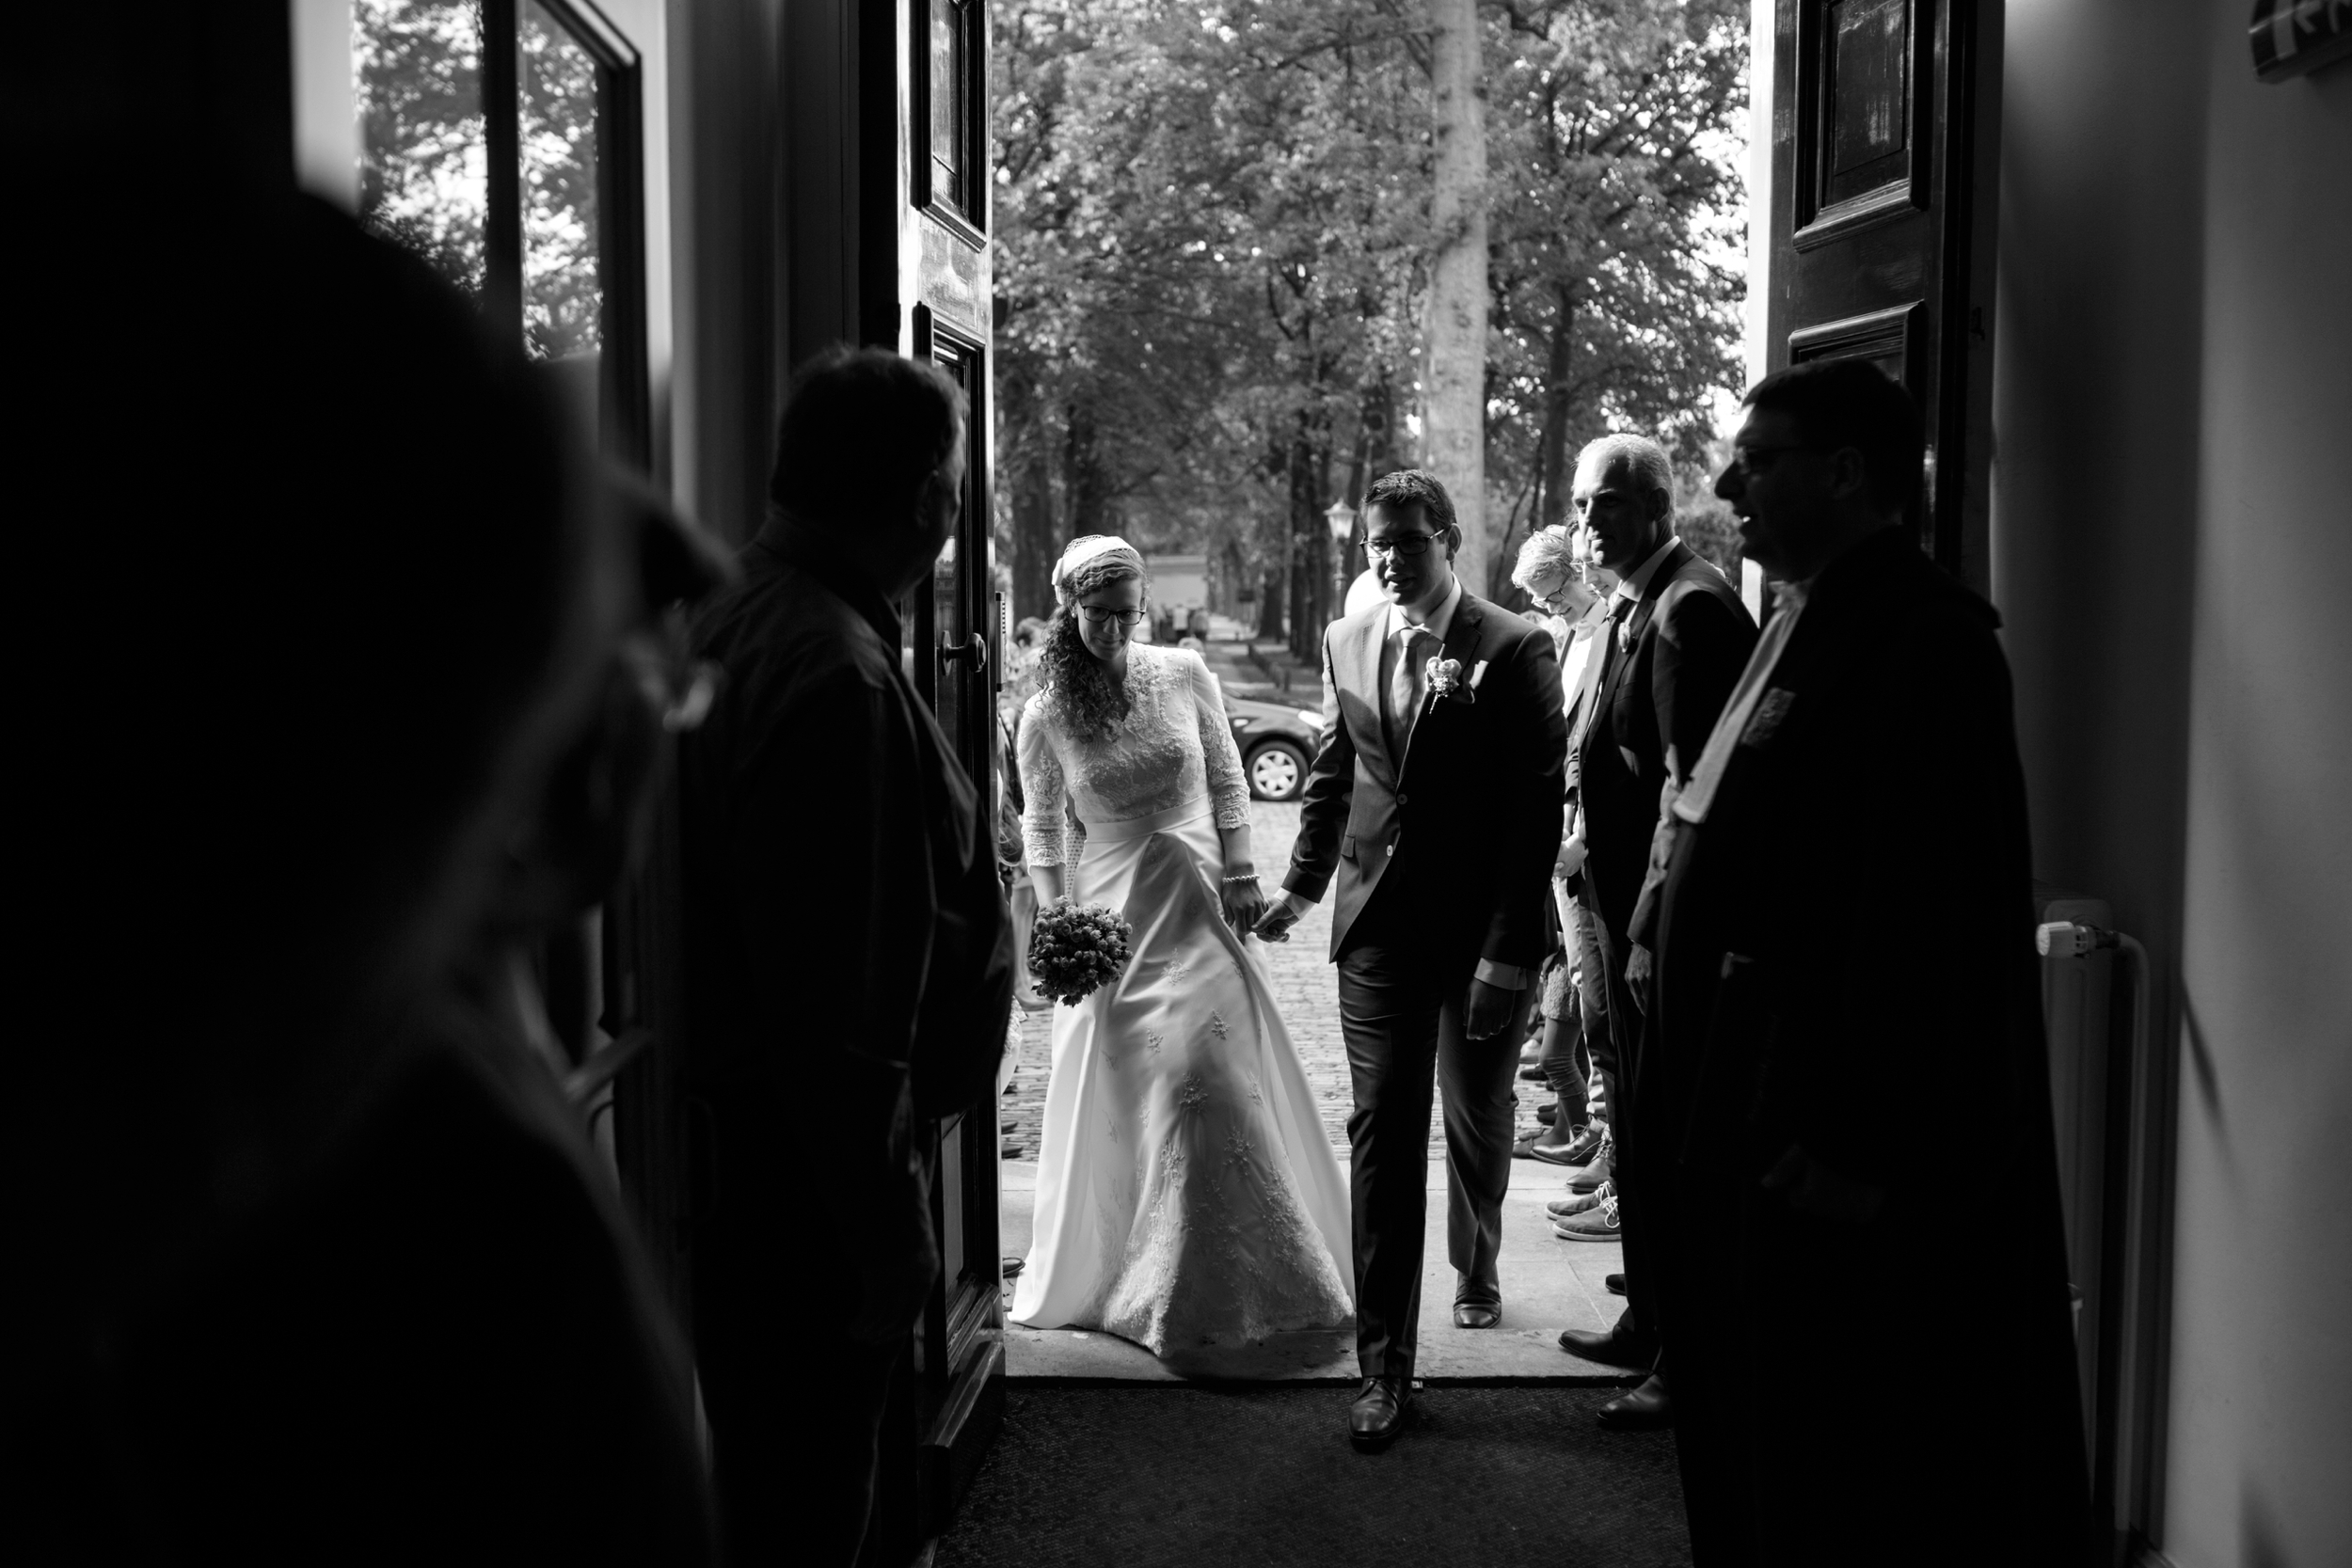 bruidsfotograaf-ede-utrecht-trouwfotograaf-trouwen-bruiloft_0256.jpg